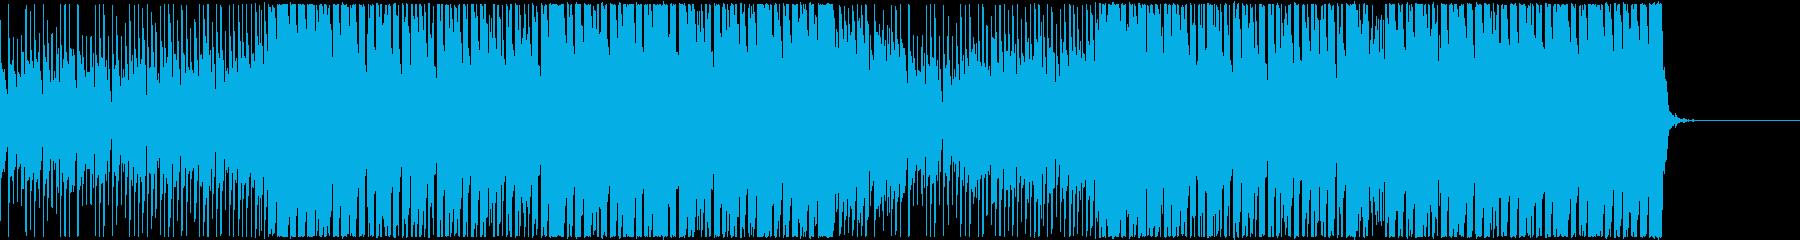 説明用動画のバックグラウンドに最適の再生済みの波形